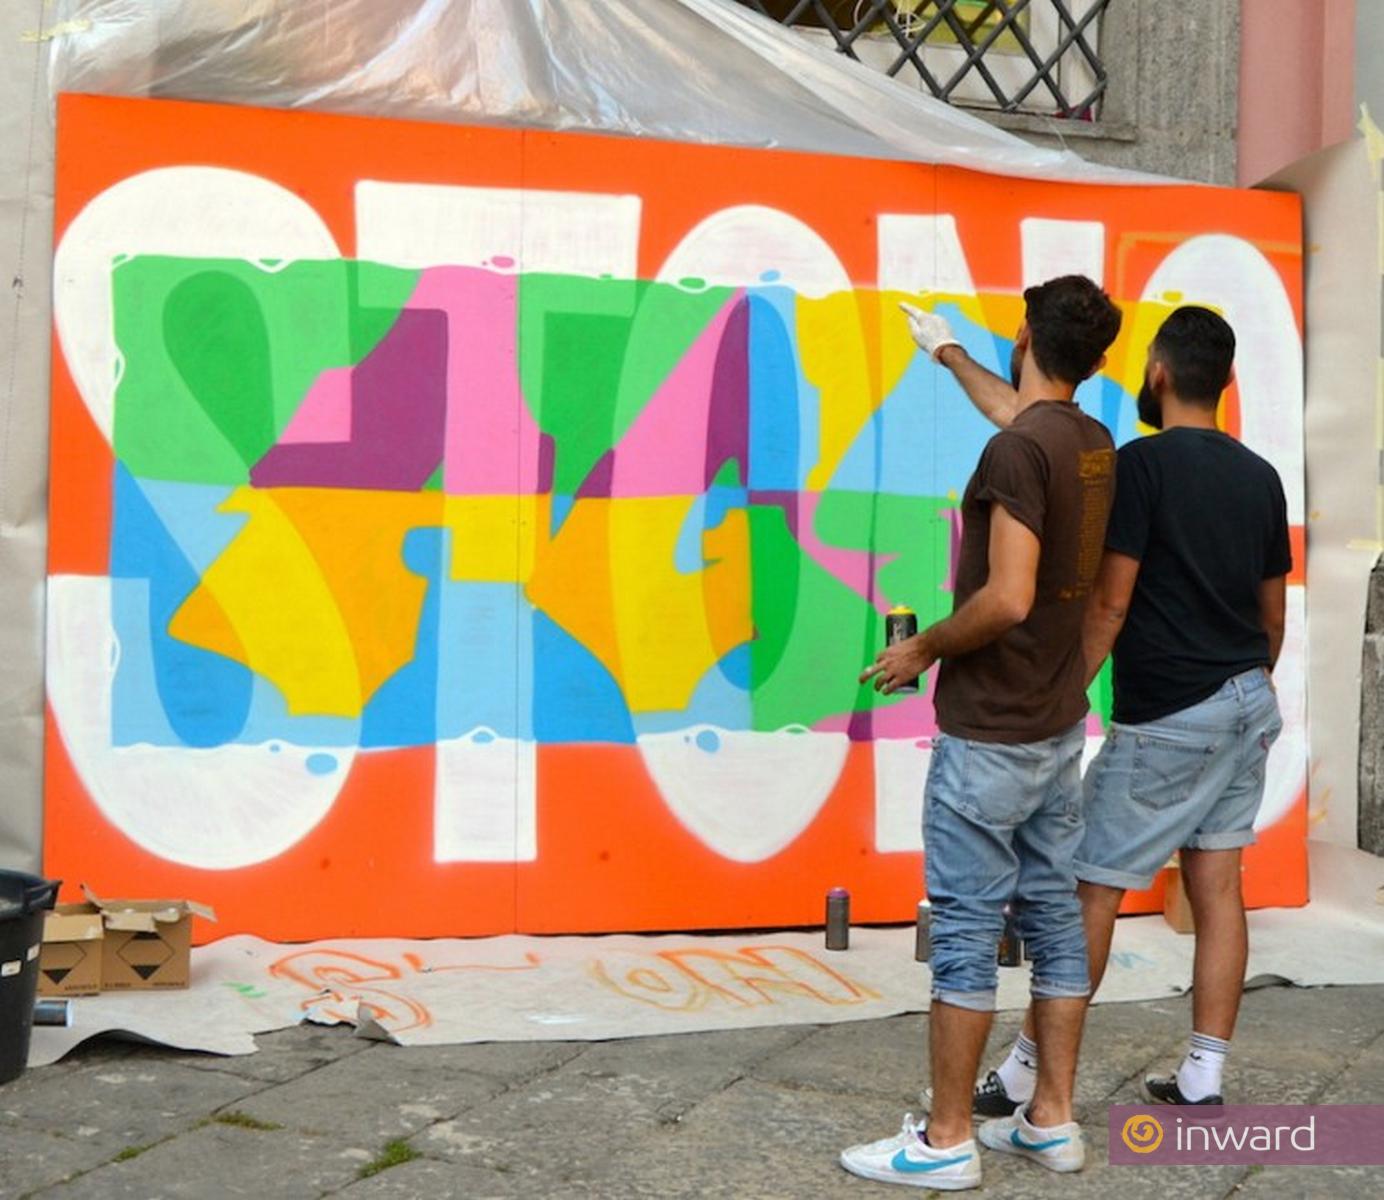 Napoli Città Creativa in Pop Art. Creatività Urbana: il colore, innanzitutto